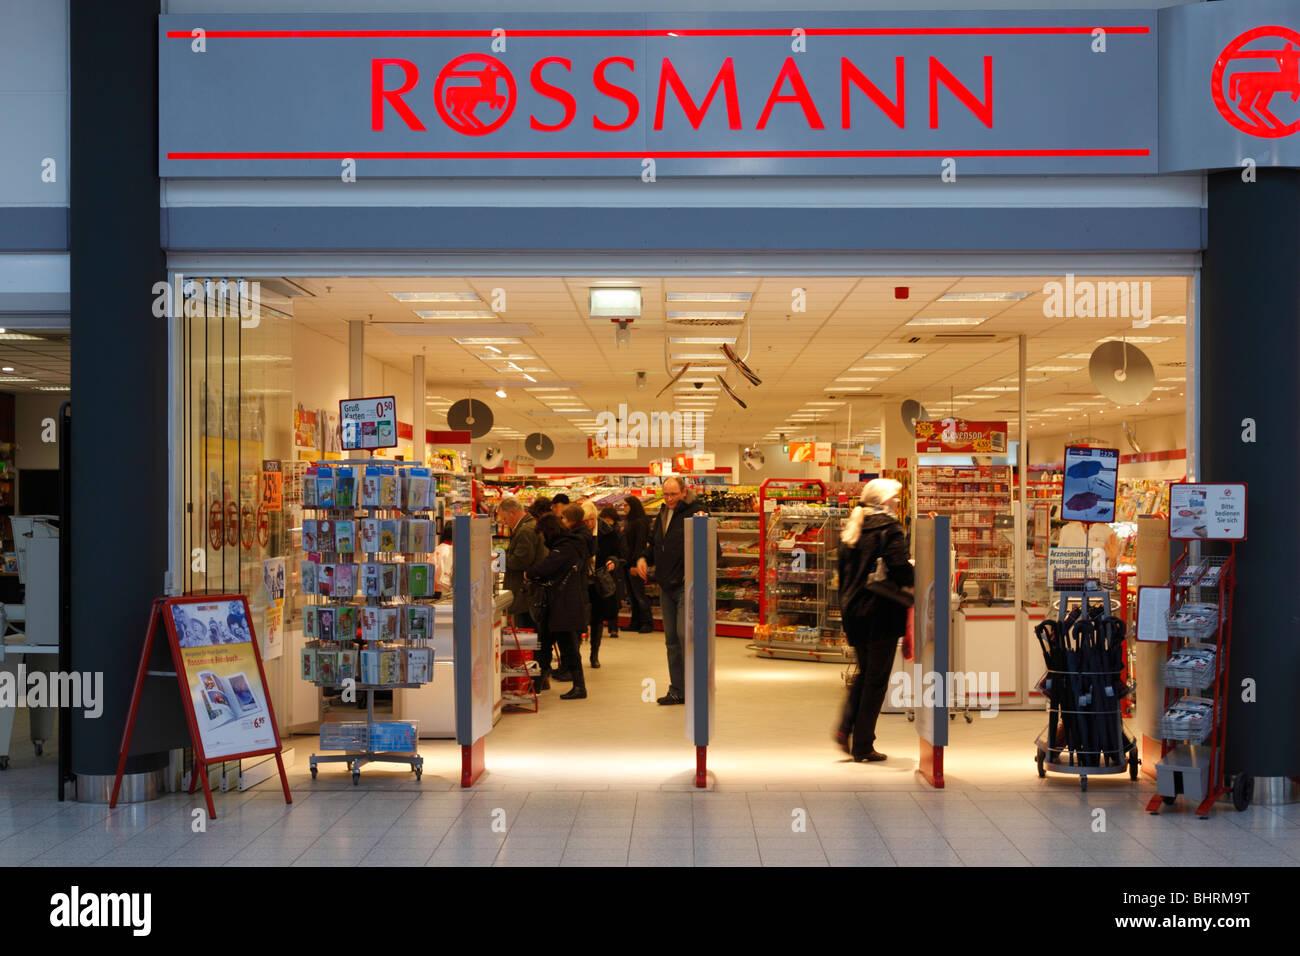 drug store ROSSMANN - Stock Image